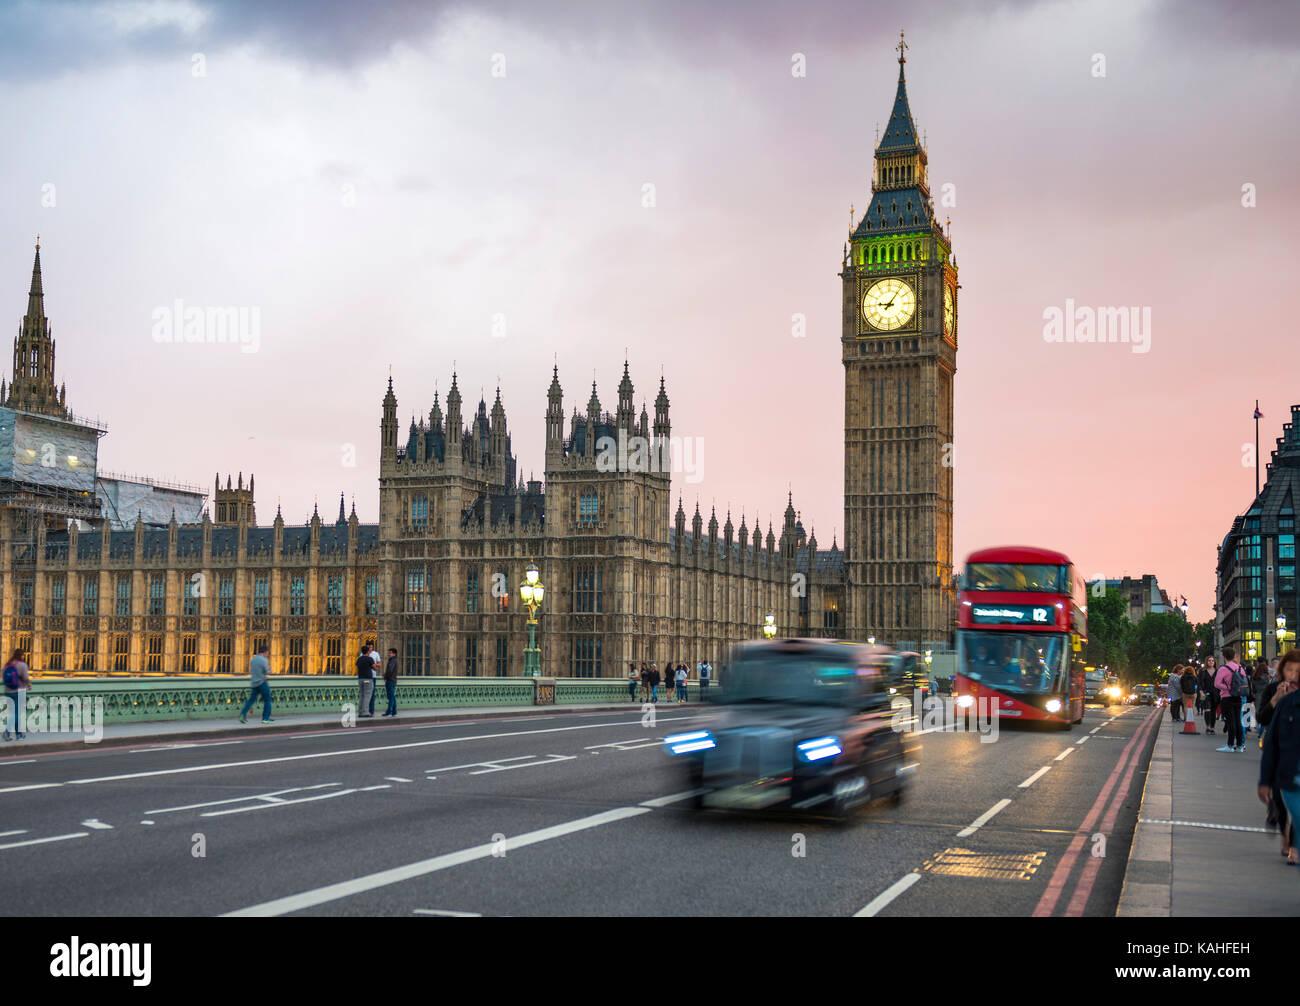 Taxi y Autobús de dos pisos de color rojo en el puente de Westminster, el Big Ben y el palacio de Westminster, el desenfoque de movimiento, puesta de sol, Londres, Inglaterra Foto de stock